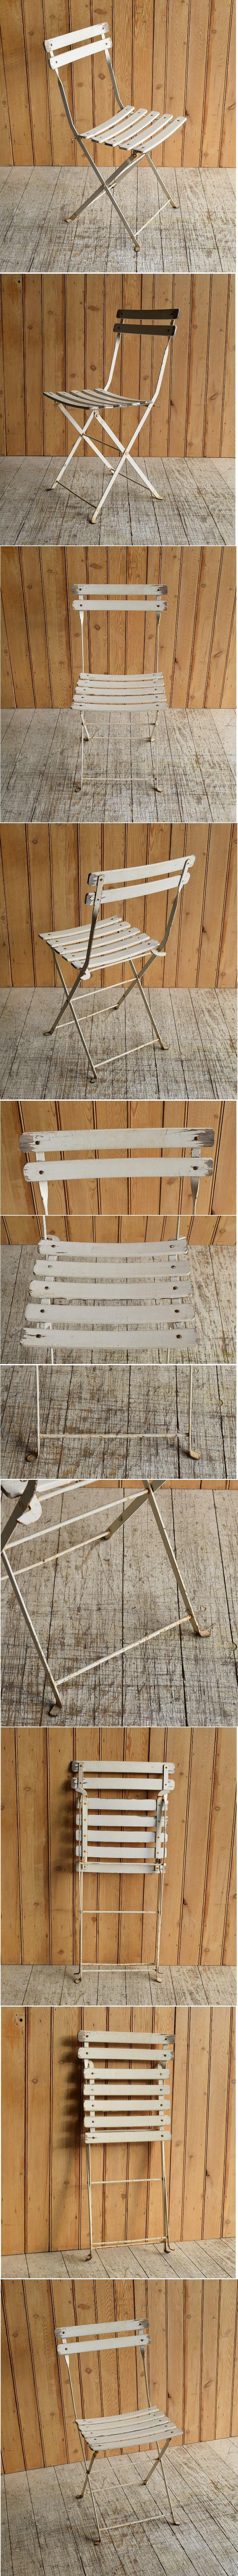 フレンチ アンティーク フォールディング ガーデンチェア 椅子 8931